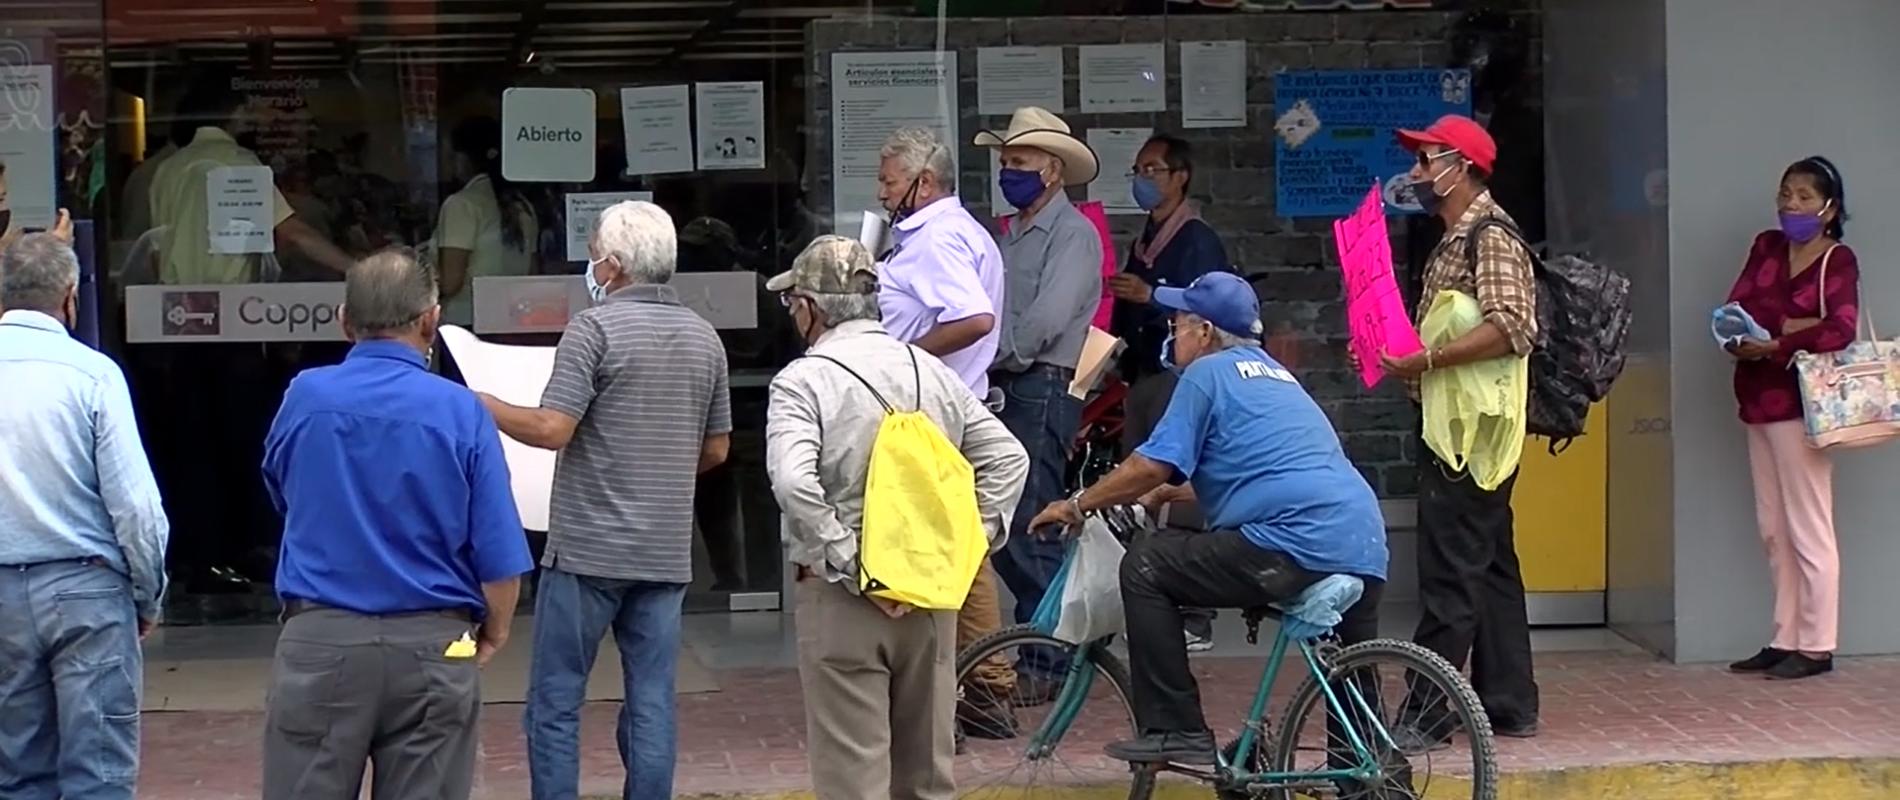 Denuncian desfalco de cuanta de afore a ex trabajador de AHMSA en Bancoppel